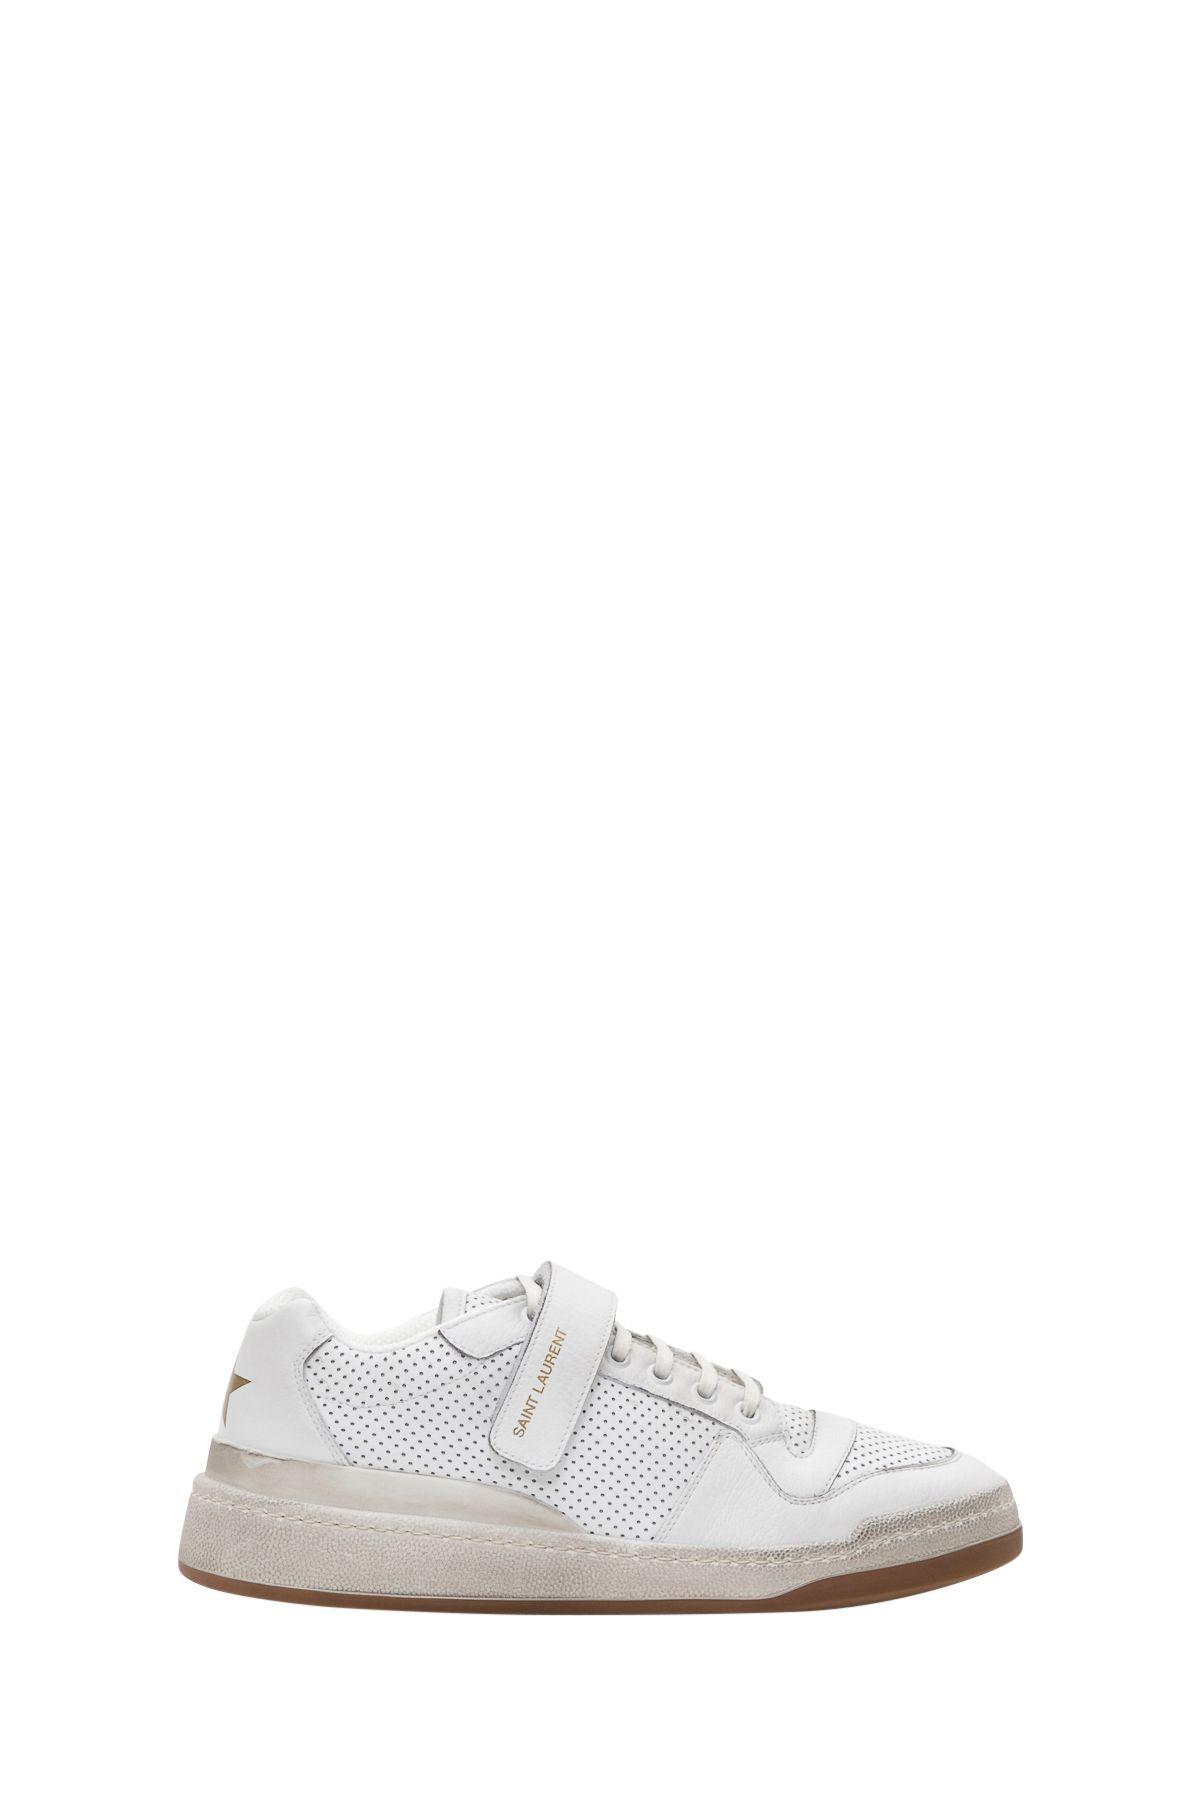 Saint Laurent Travis Sneaker In Used Look Leather